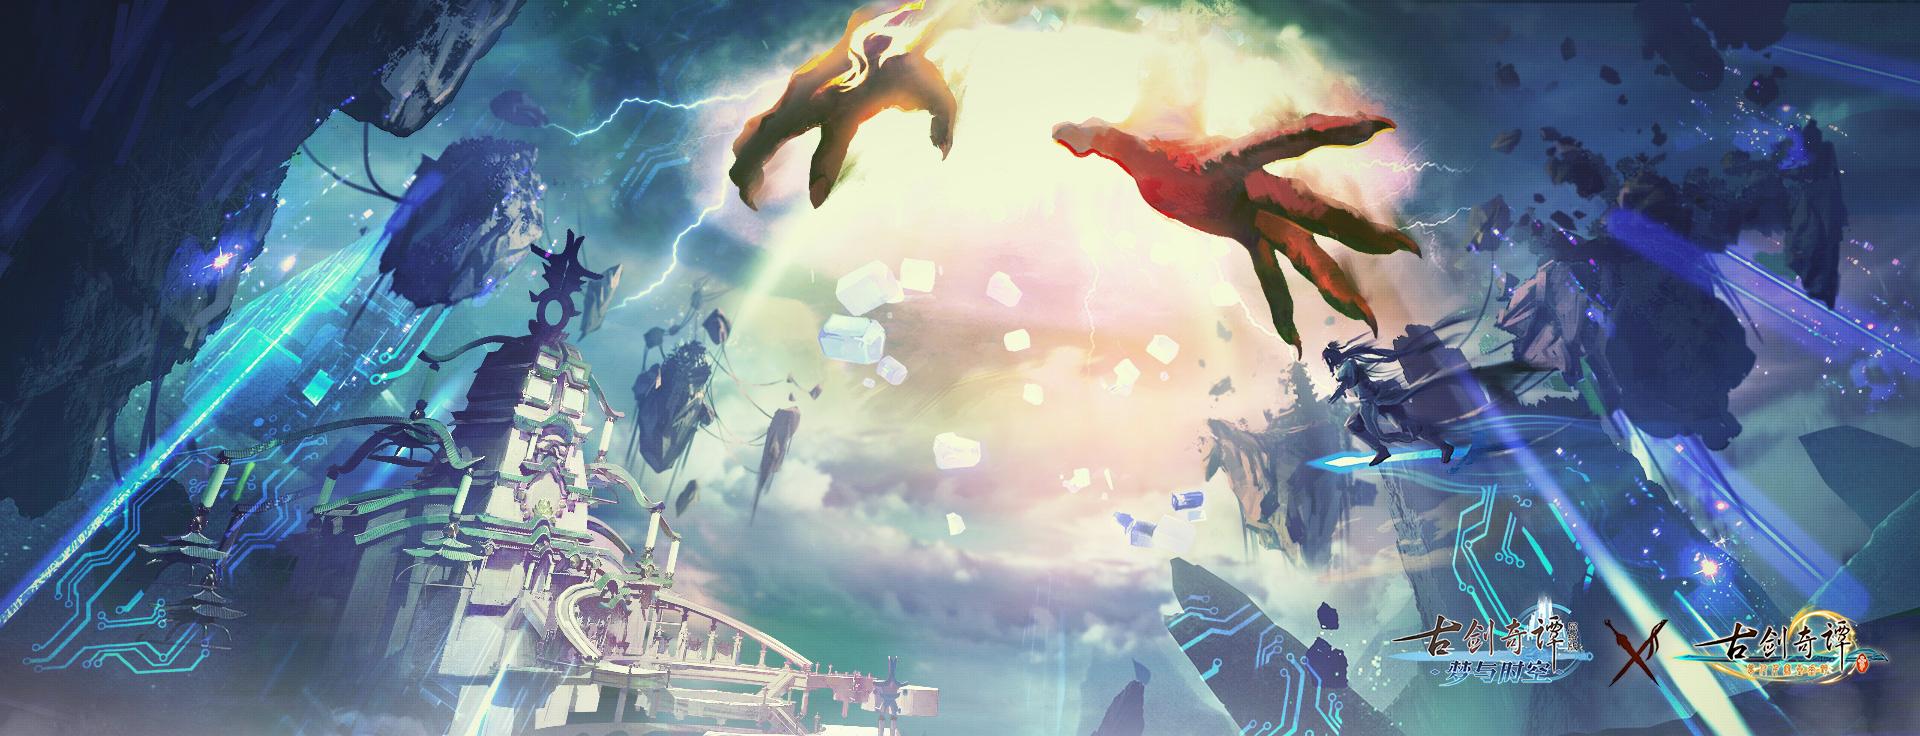 《古剑奇谭OL》11月18日新服预创建活动玩法